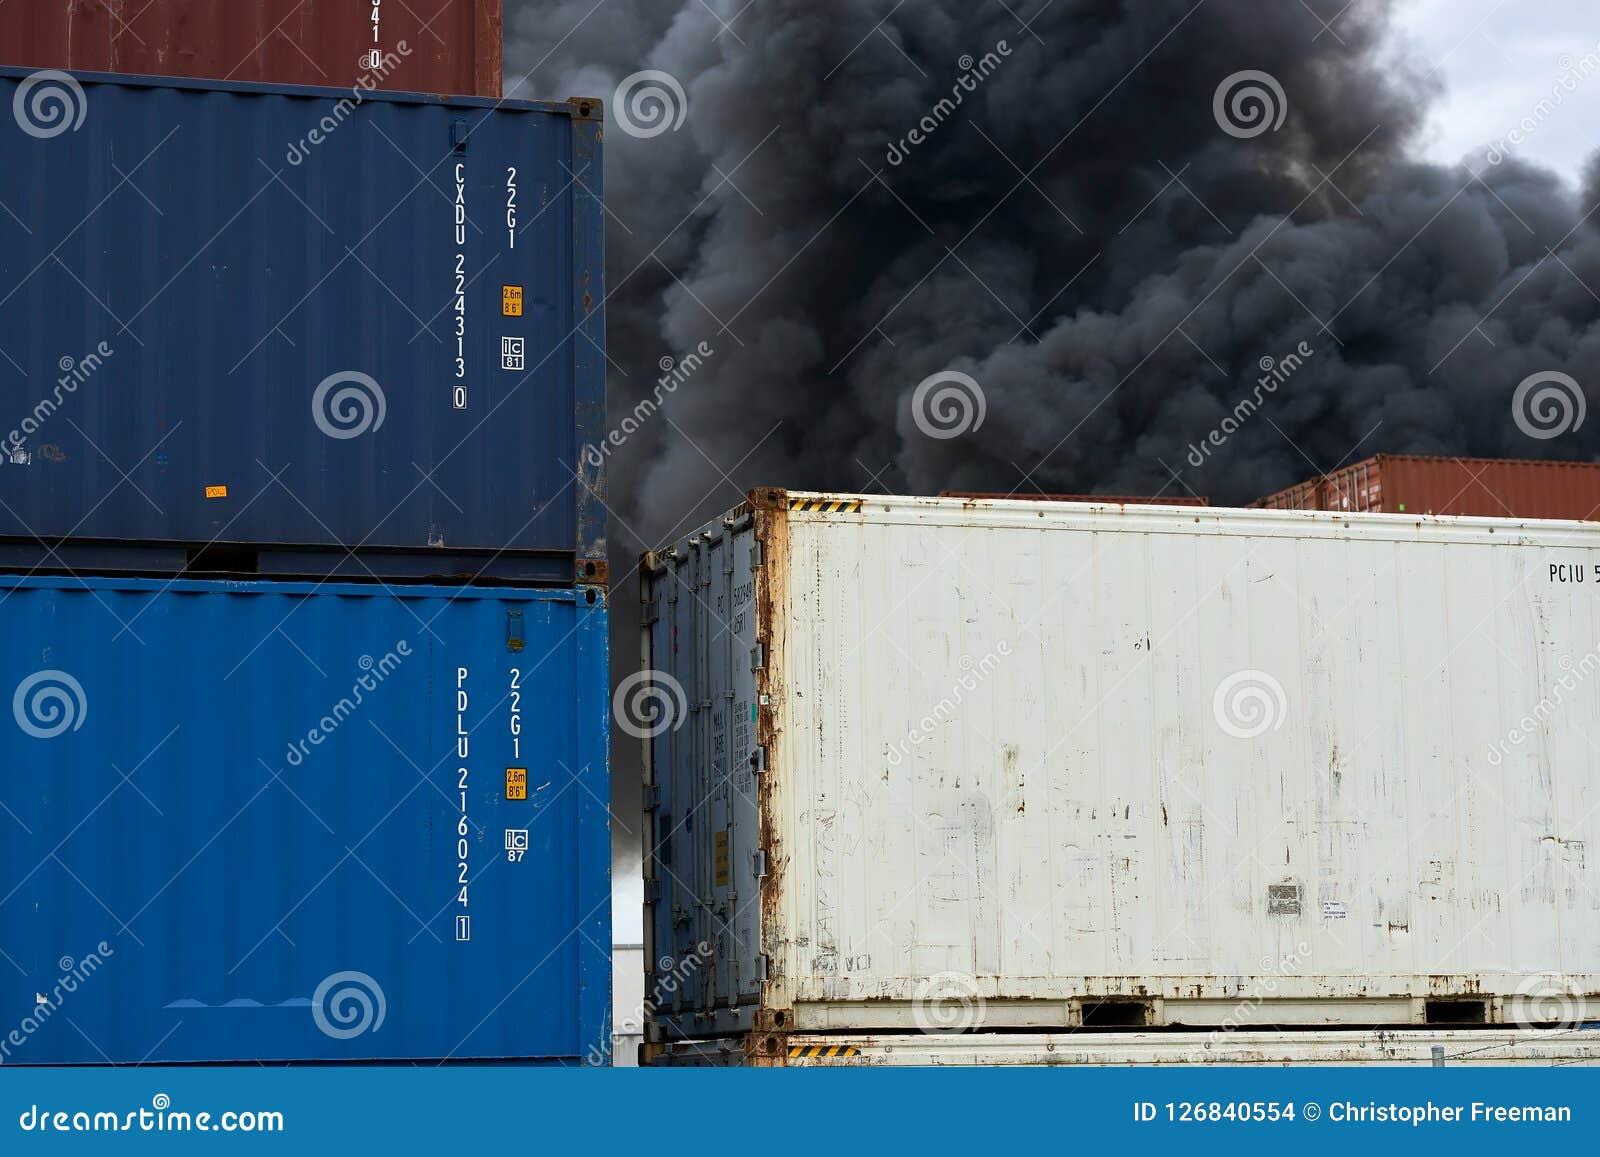 La vista abstracta de los contenedores con columnas de humo tóxico de un fuego industrial se alza en el cielo